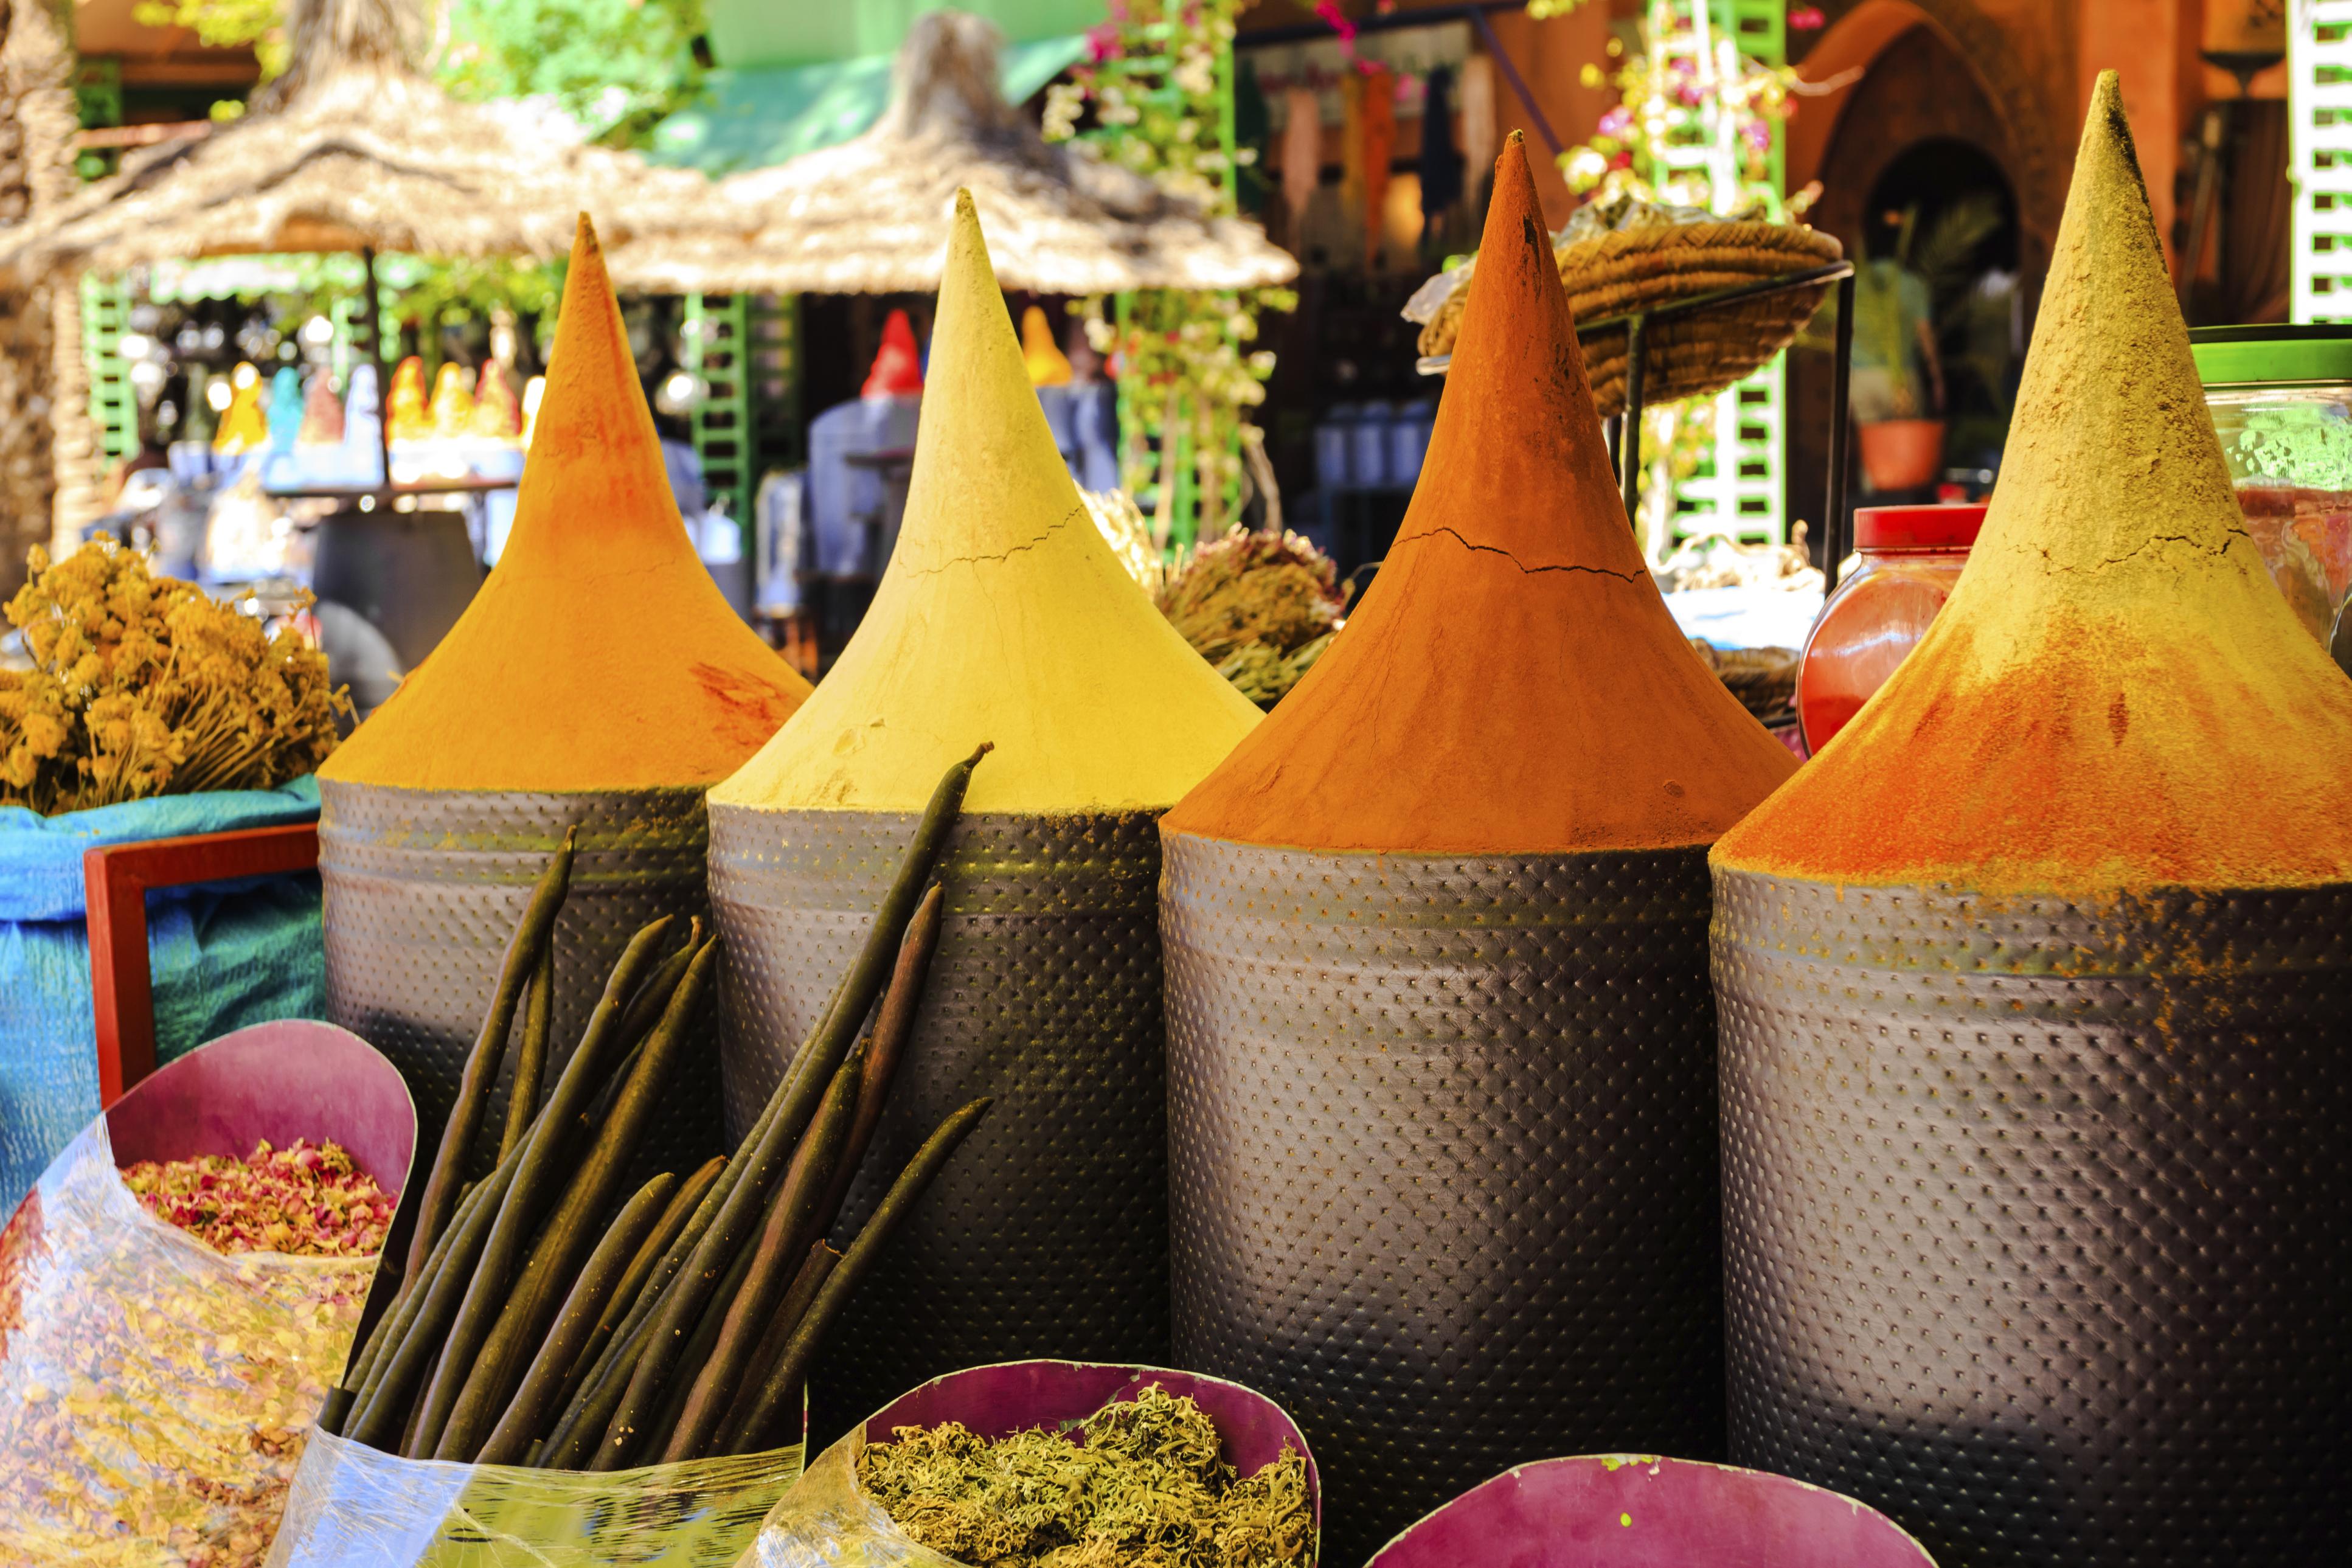 ... lieu de rencontre et d'echange - Photo de La Ferme Berbère, Marrakech